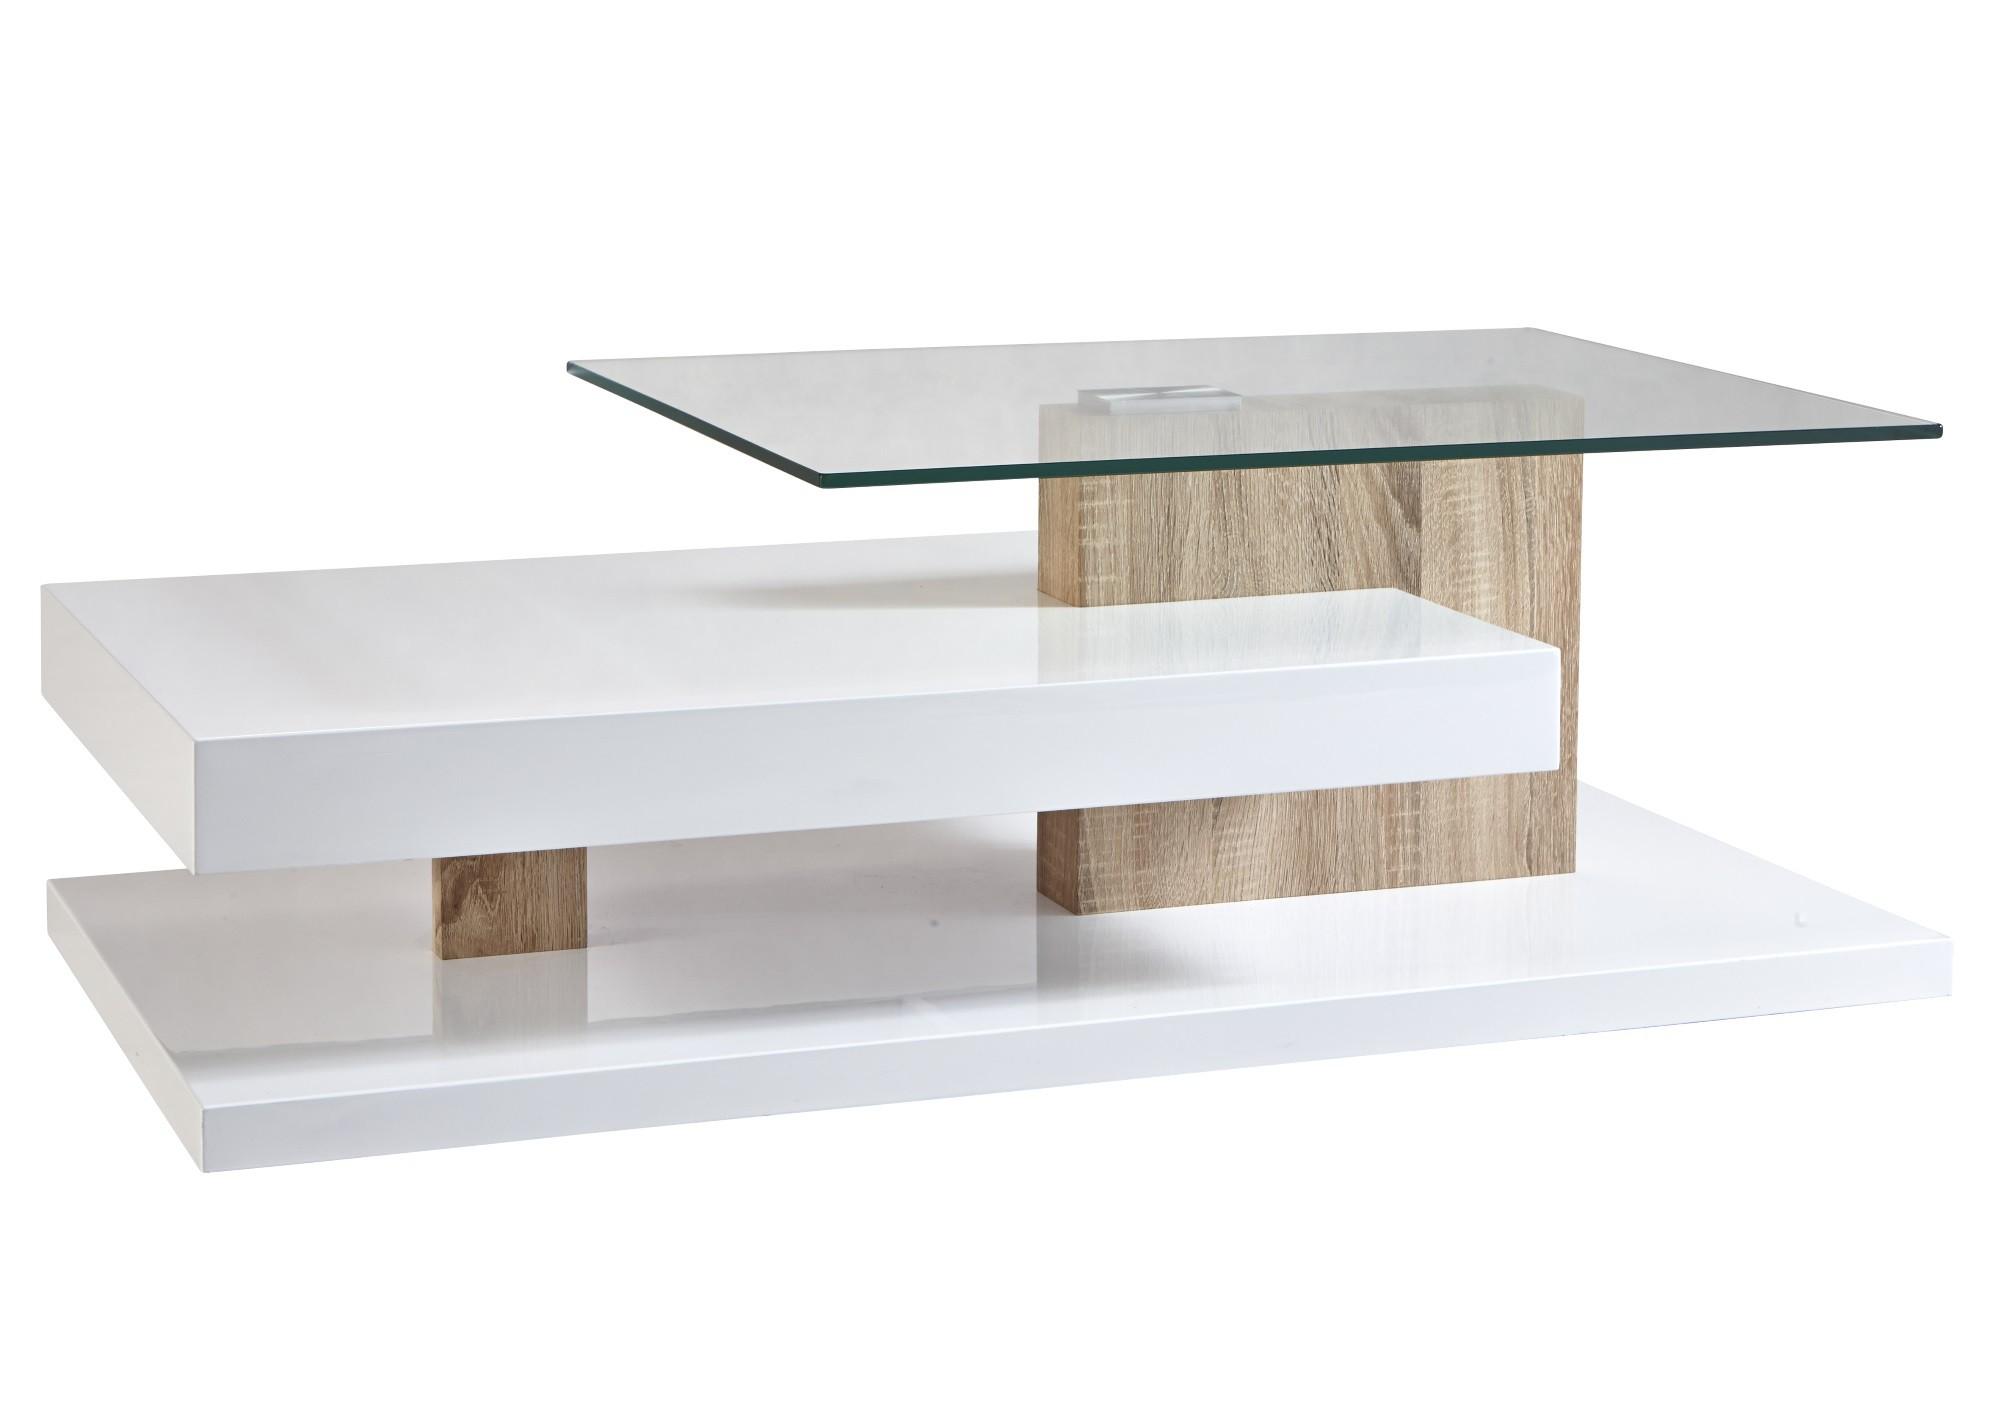 Table basse en verre et bois blanc